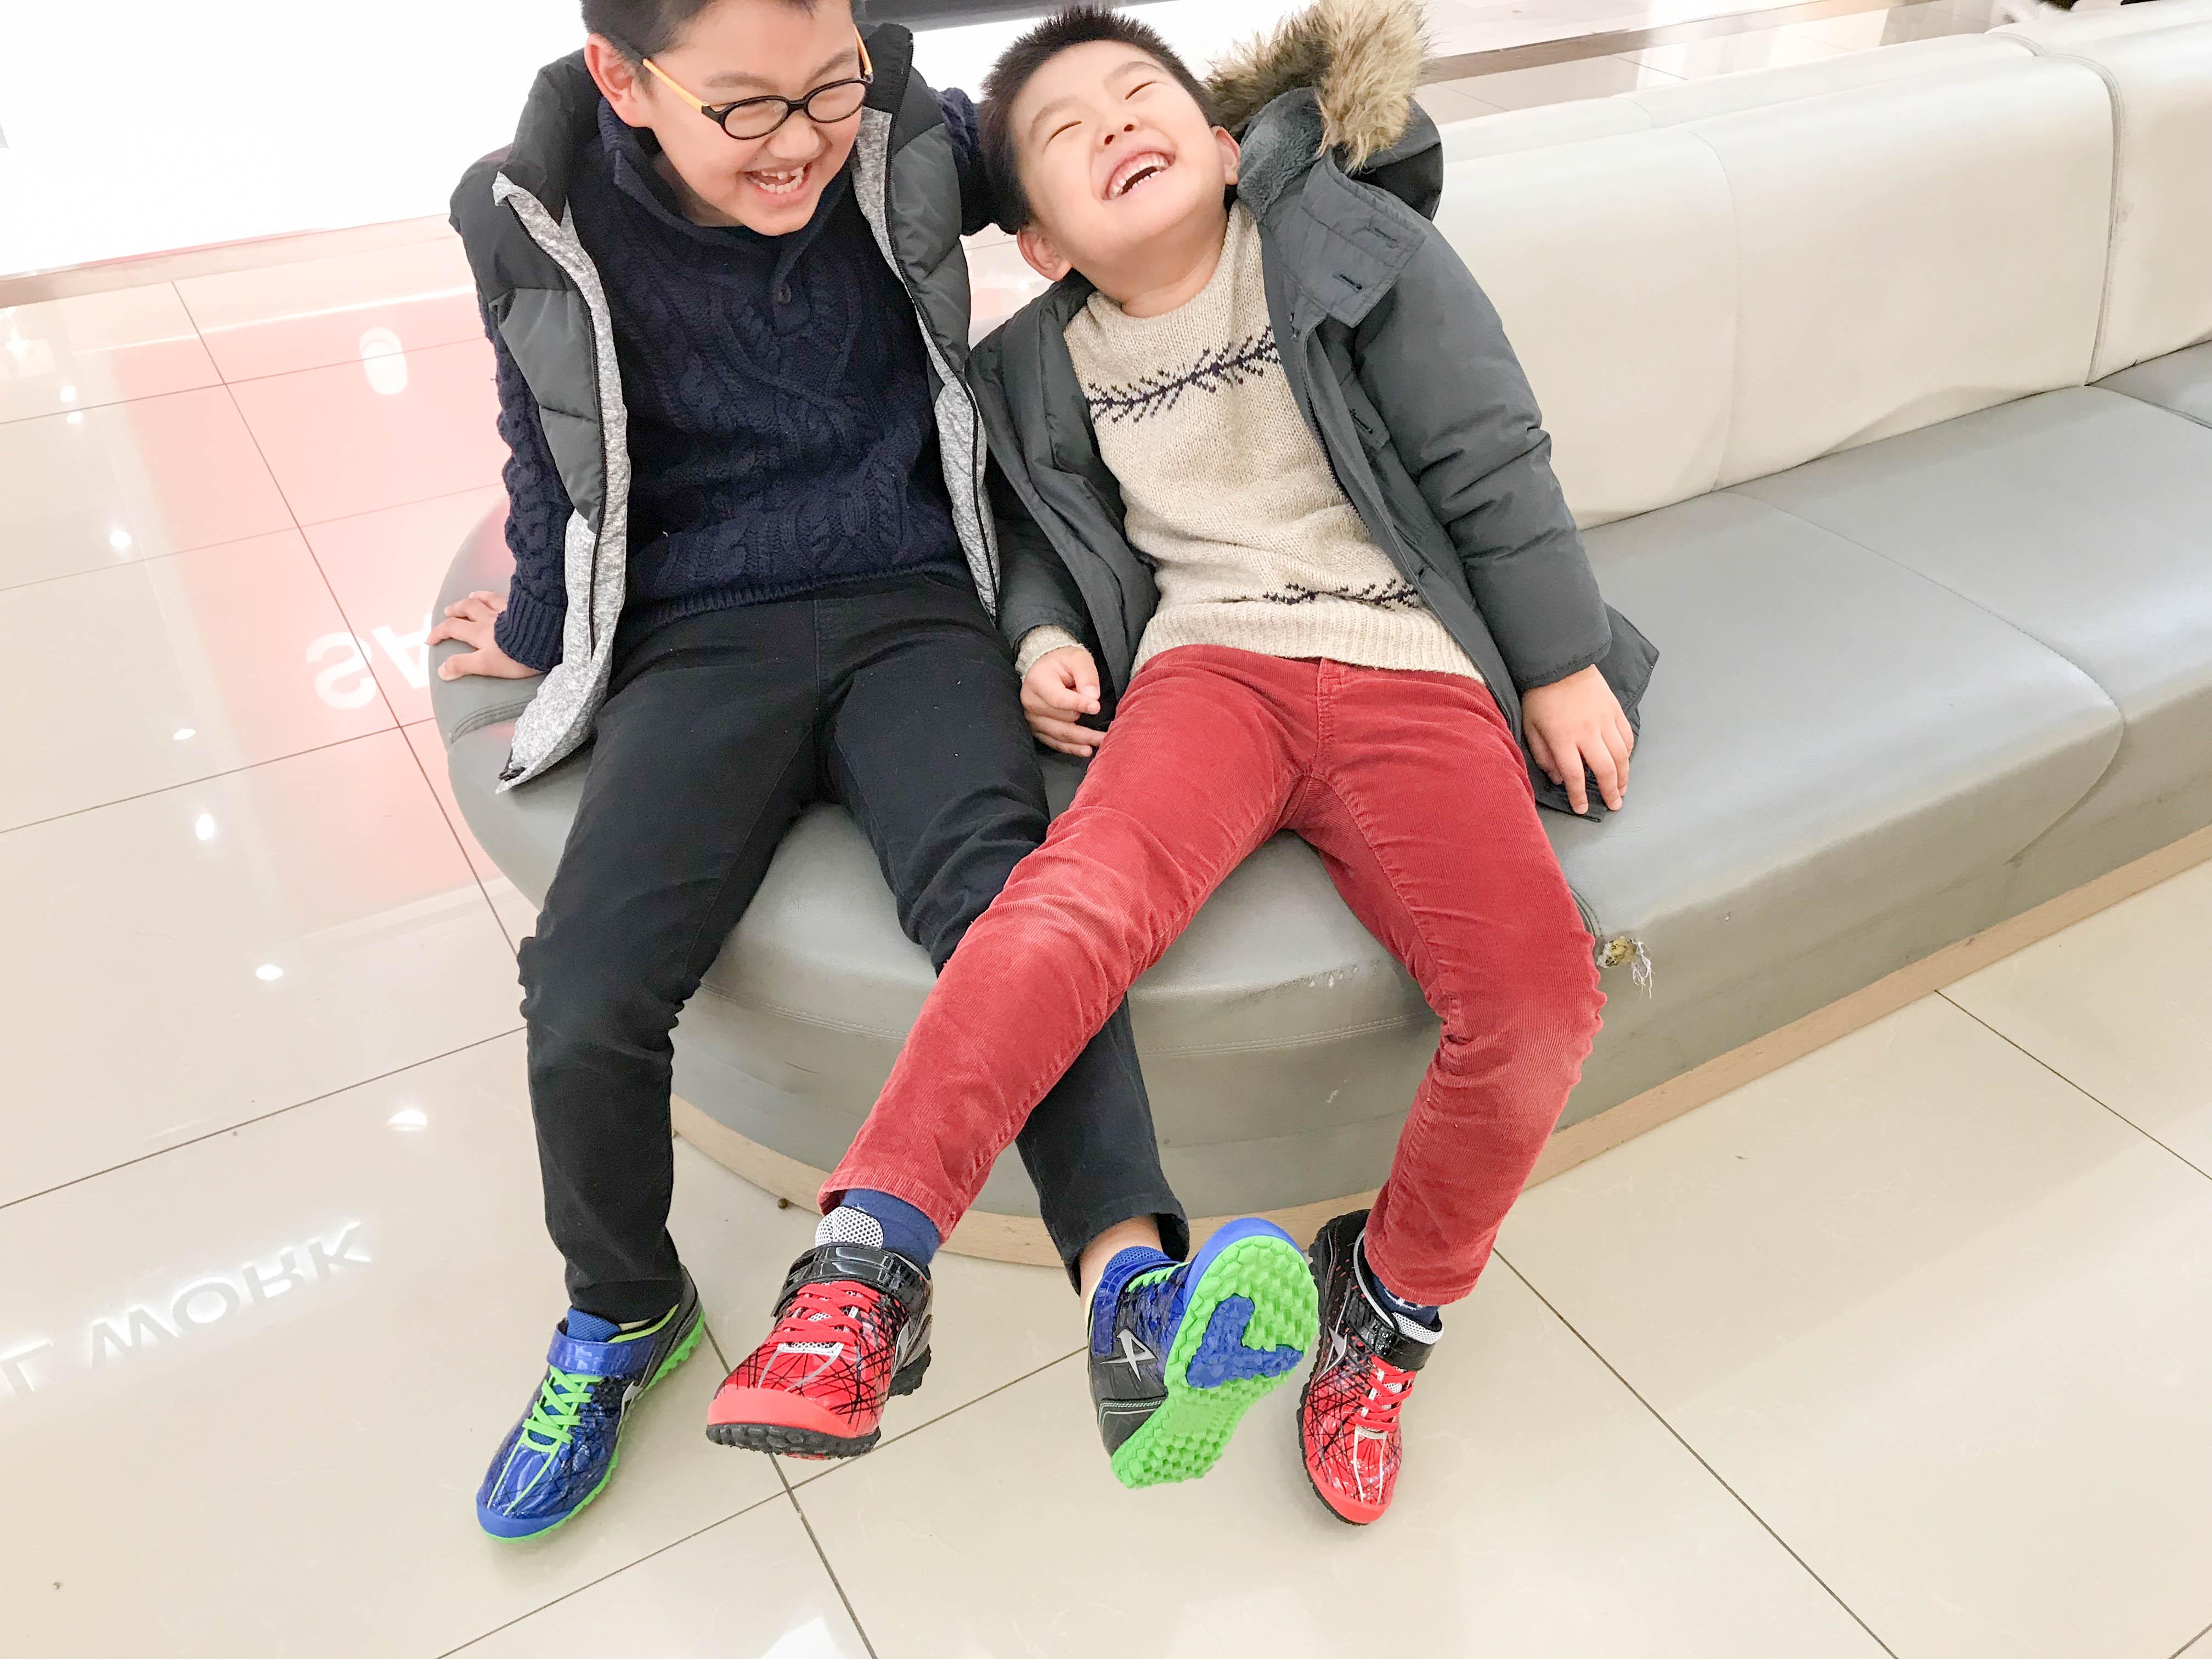 【子供用スニーカー】ASAHI(アサヒ)の『ガチ強』は新潟の子供こそ履くべき靴だ!